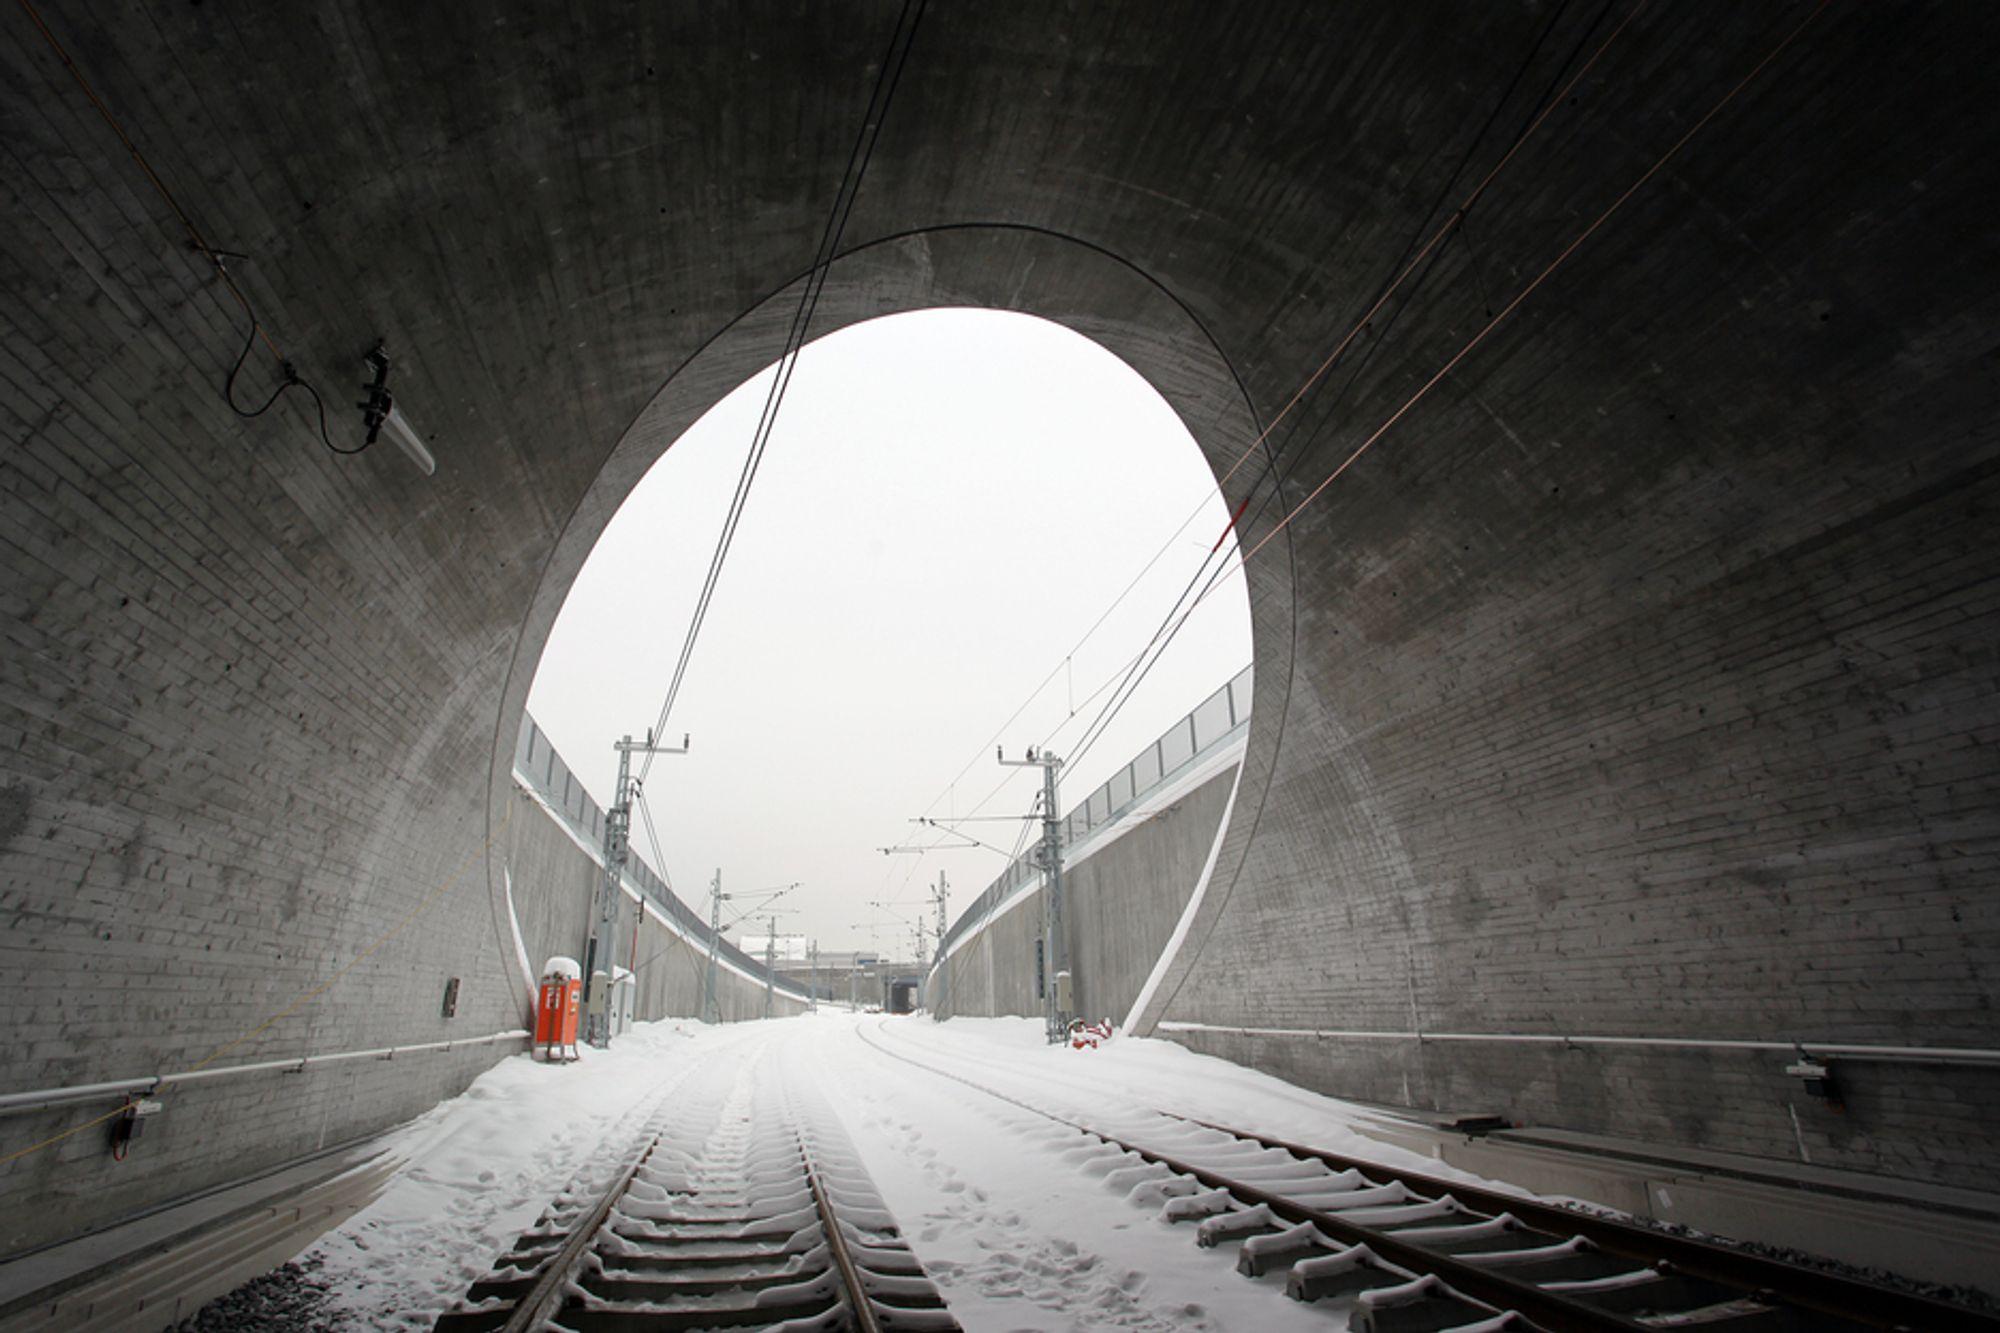 Dårlige geologiske undersøkelser fører til at tunnelprosjekter alltid blir dyrere enn forutsatt, viser svensk forskning. Her fra Bærumstunnelen.